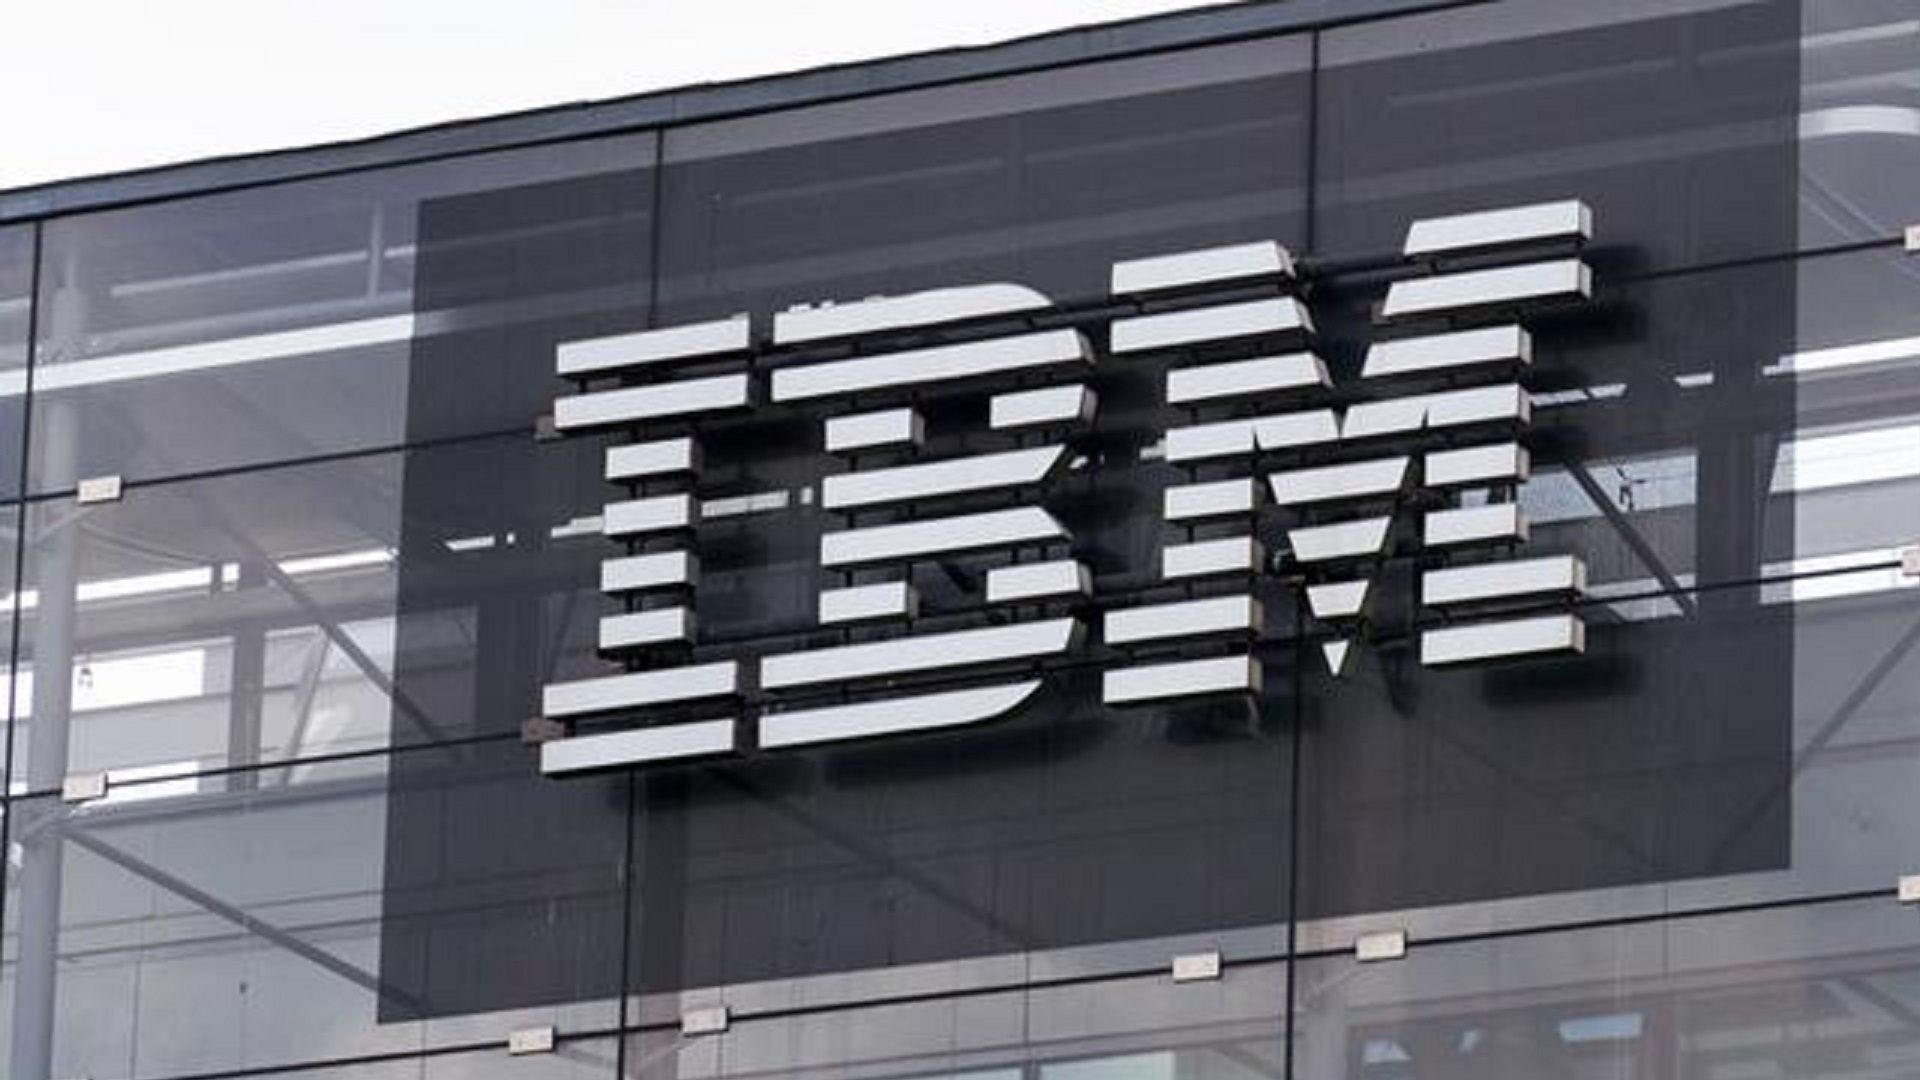 Equipo blockchain de IBM puede estar en una reestructuración luego de no alcanzar sus objetivos